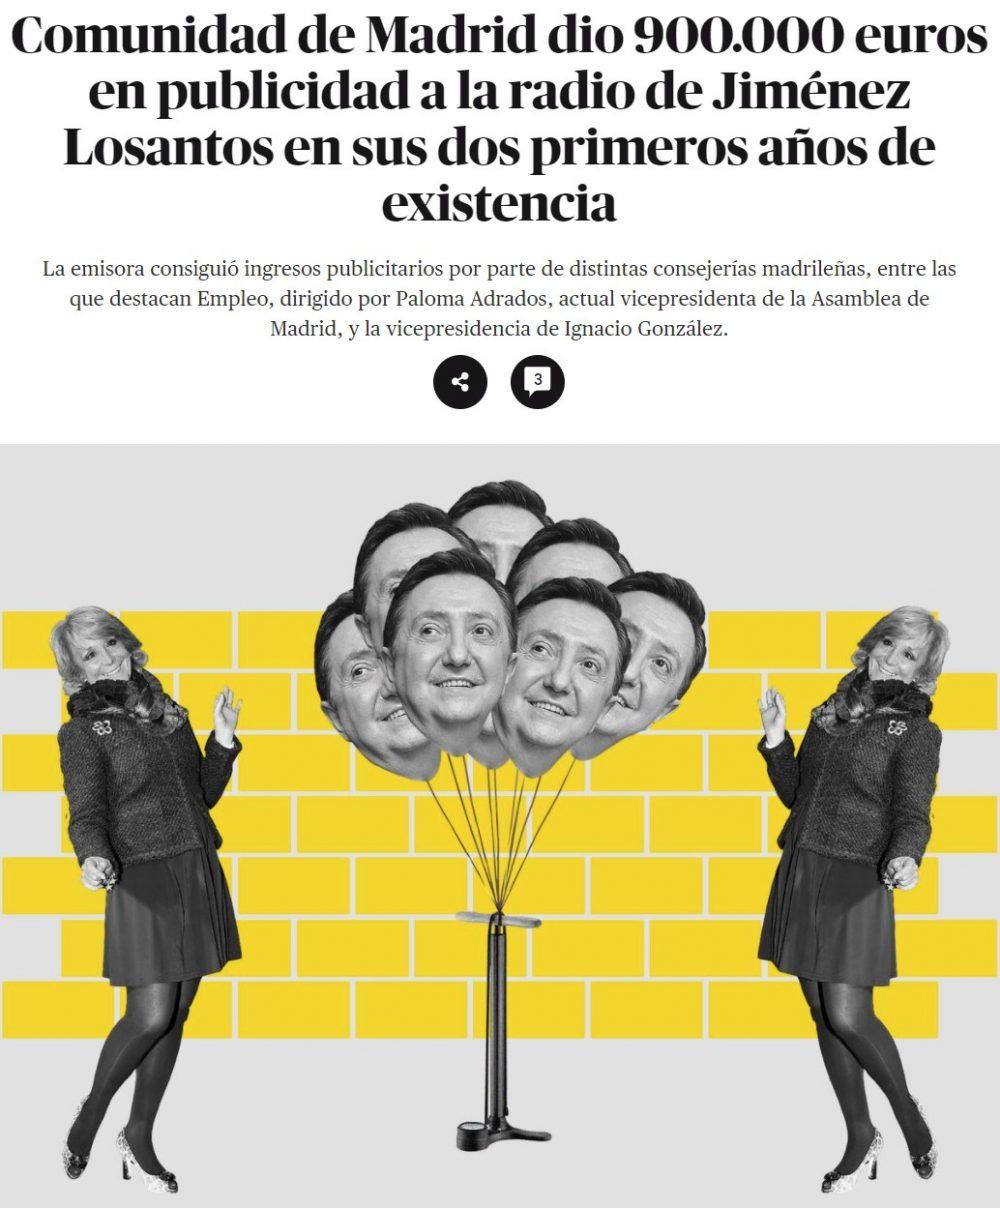 Jiménez Losantos es todo un ejemplo para emprendedores: monta una radio y en un año ya tiene 900.000 pavos en publicidad de la comunidad de Madrid